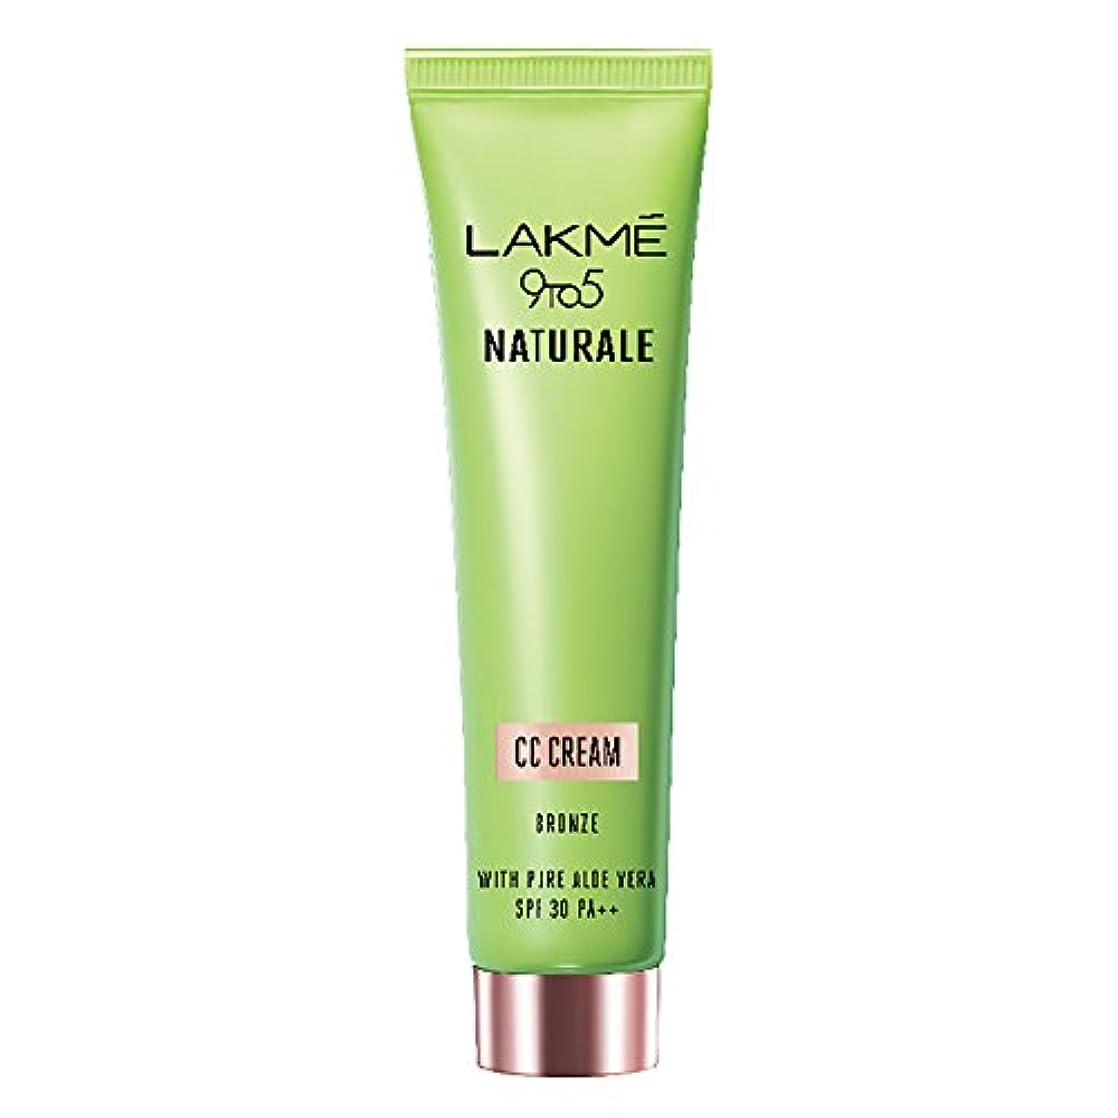 区別援助宣言Lakme 9 to 5 Naturale CC Cream, Bronze, 30g